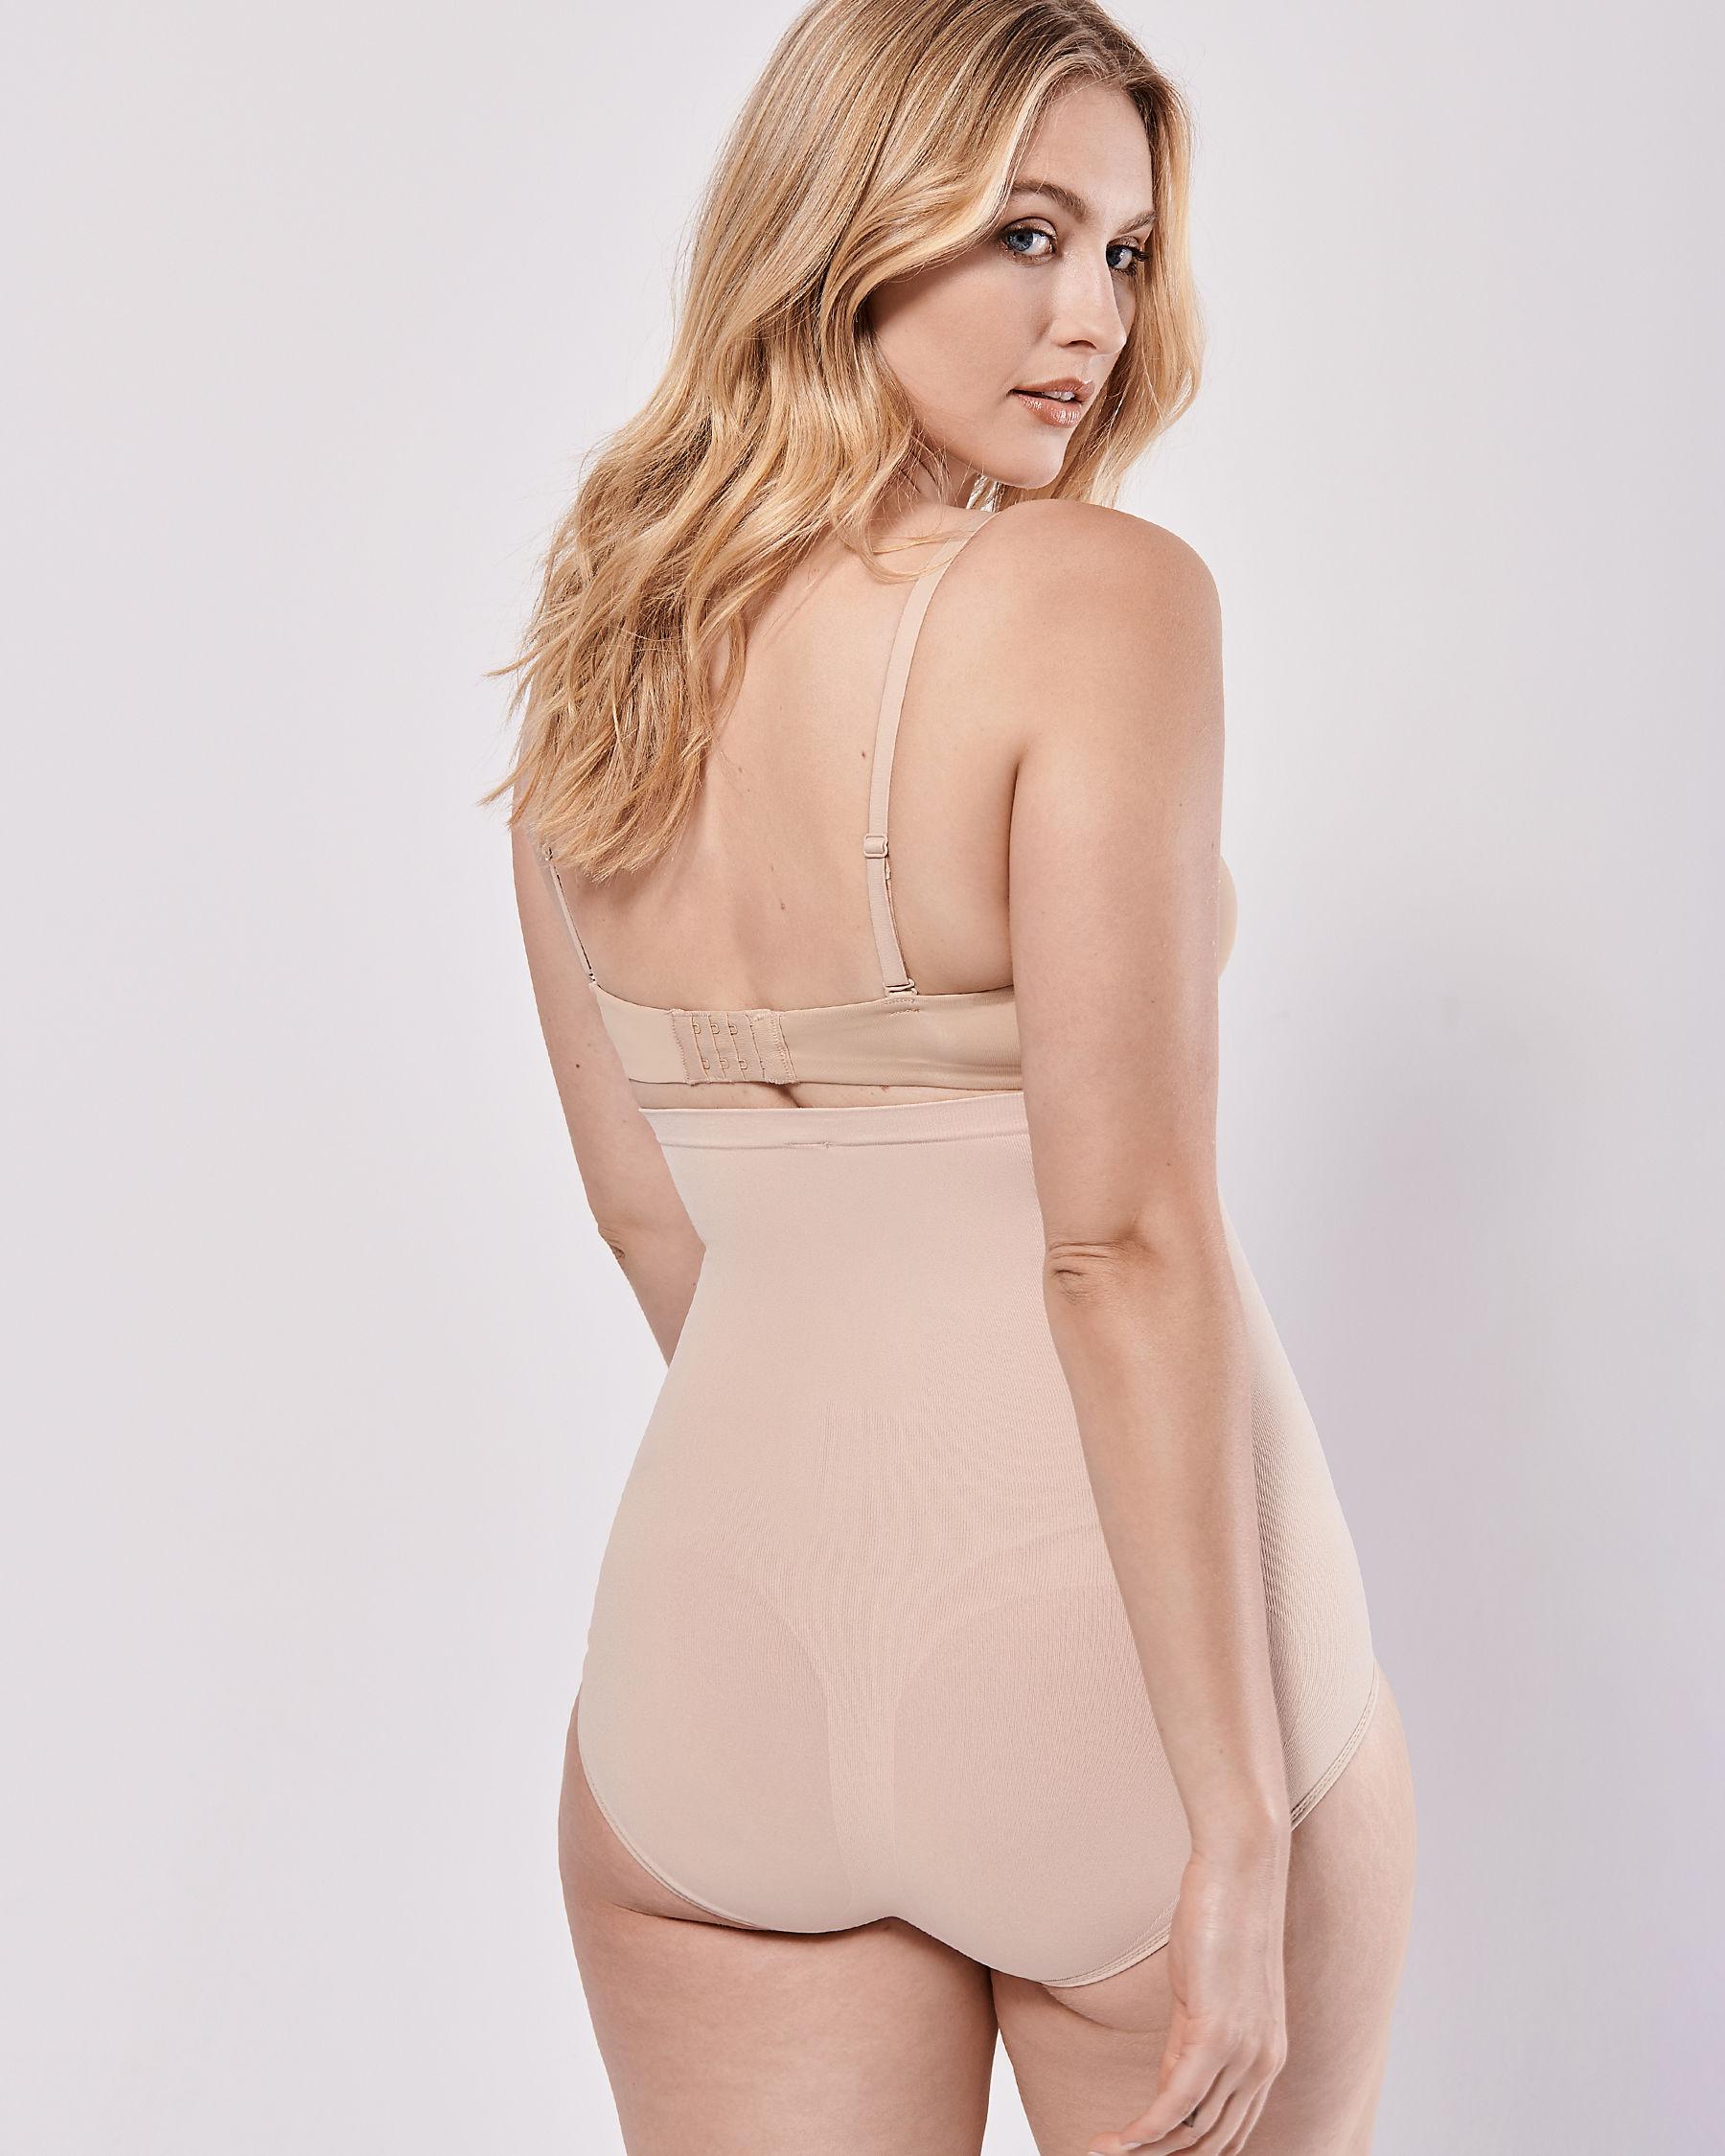 LA VIE EN ROSE Culotte bikini soutien léger Neutre 388-122-0-00 - Voir4